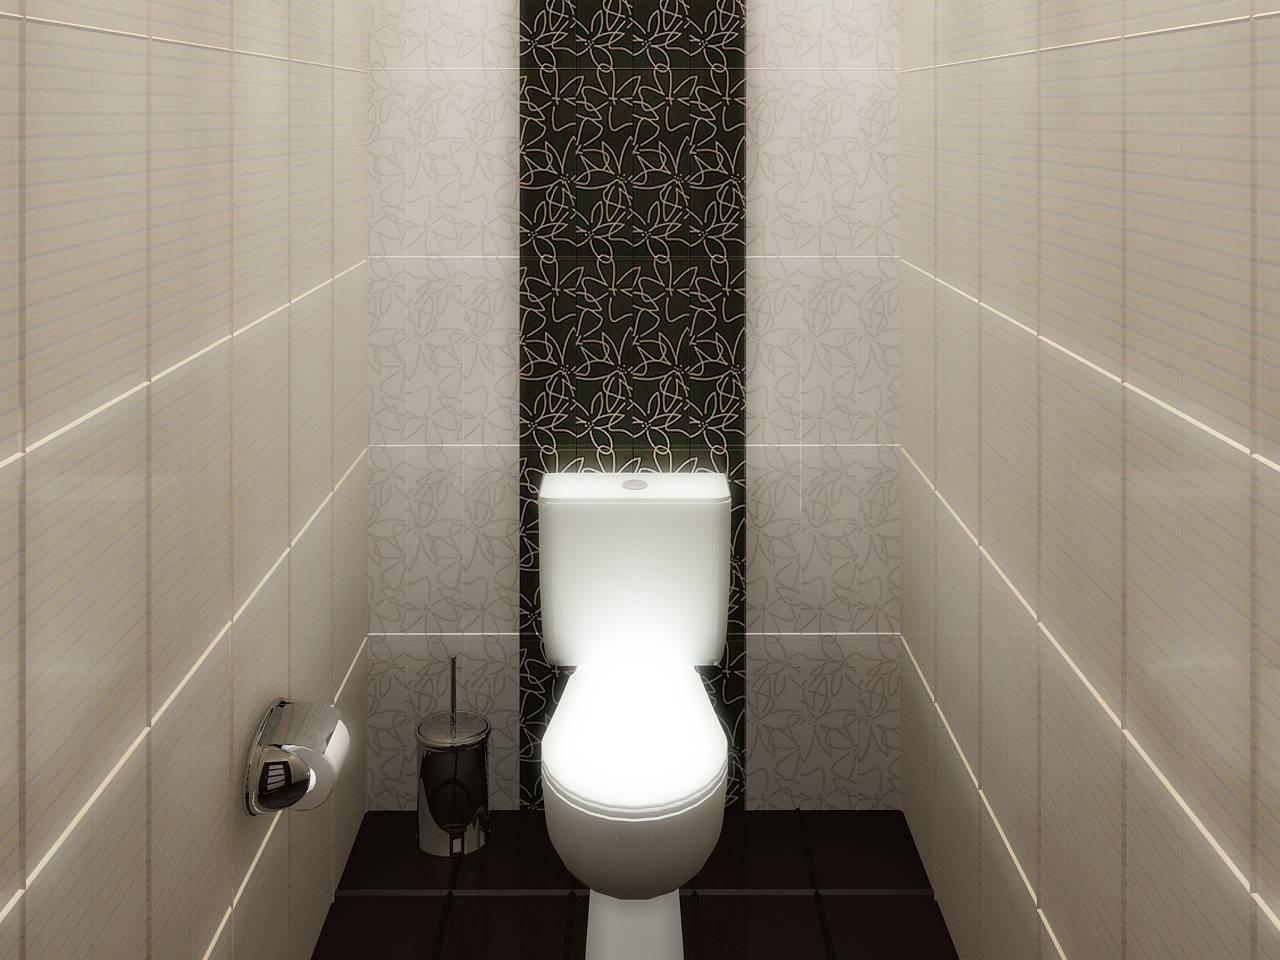 Мозаика в туалете (44 фото): дизайн и отделка маленького санузла, выложенные из плитки узоры на полу и стенах, советы для ремонта